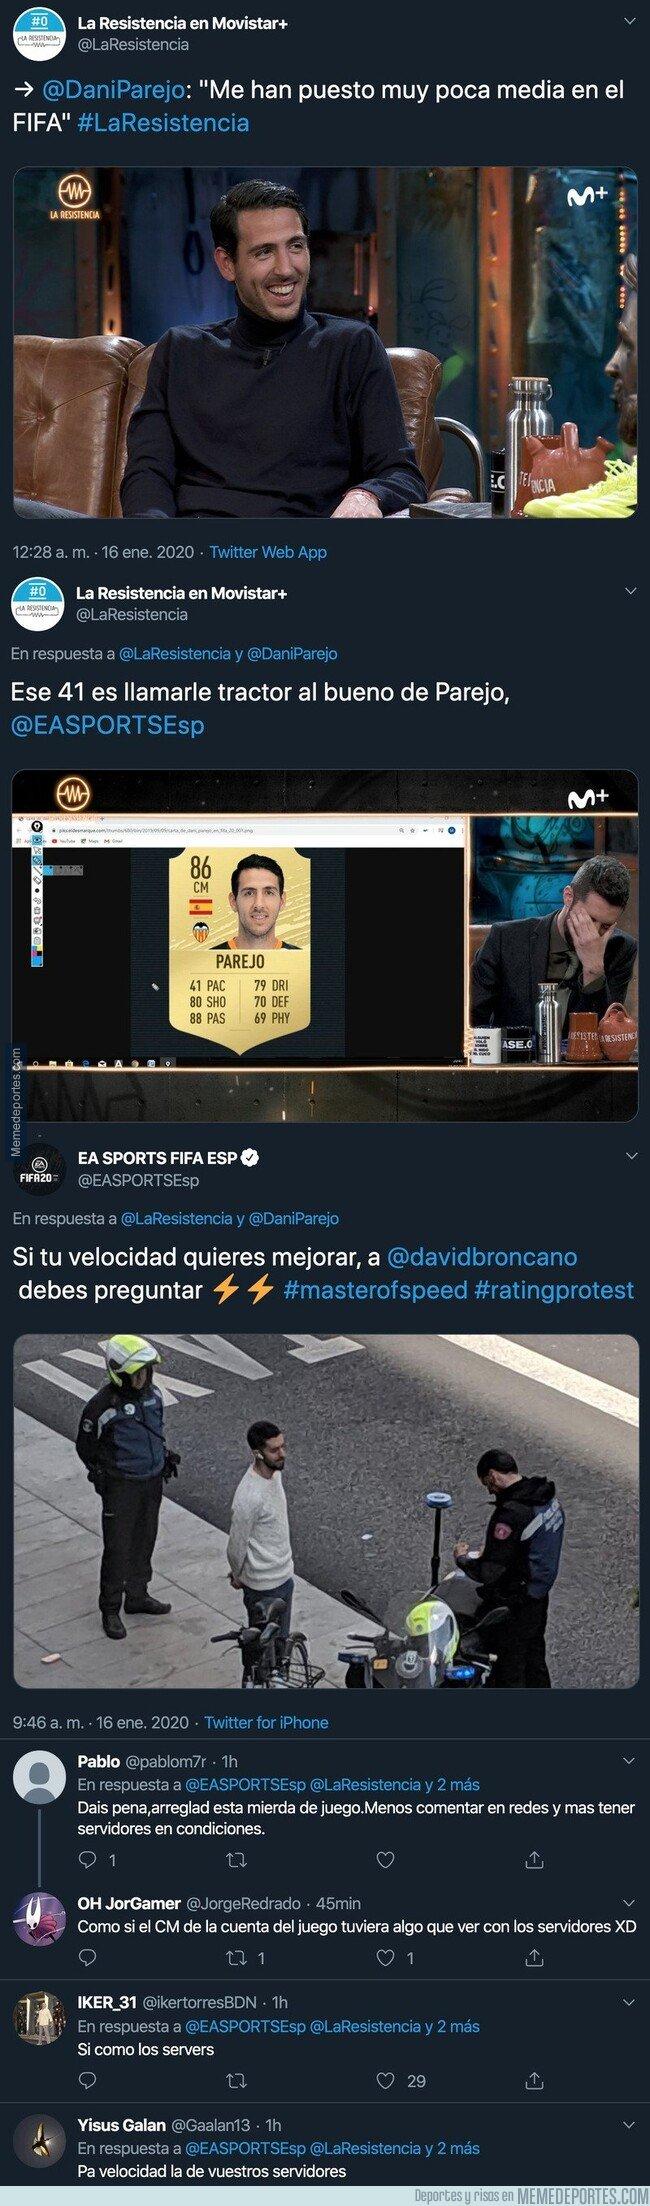 1095938 - Dani Parejo se queja de su media en el FIFA en 'La Resistencia' y EA responde de forma brutal metiéndole un 'ZASCA' a David Broncano